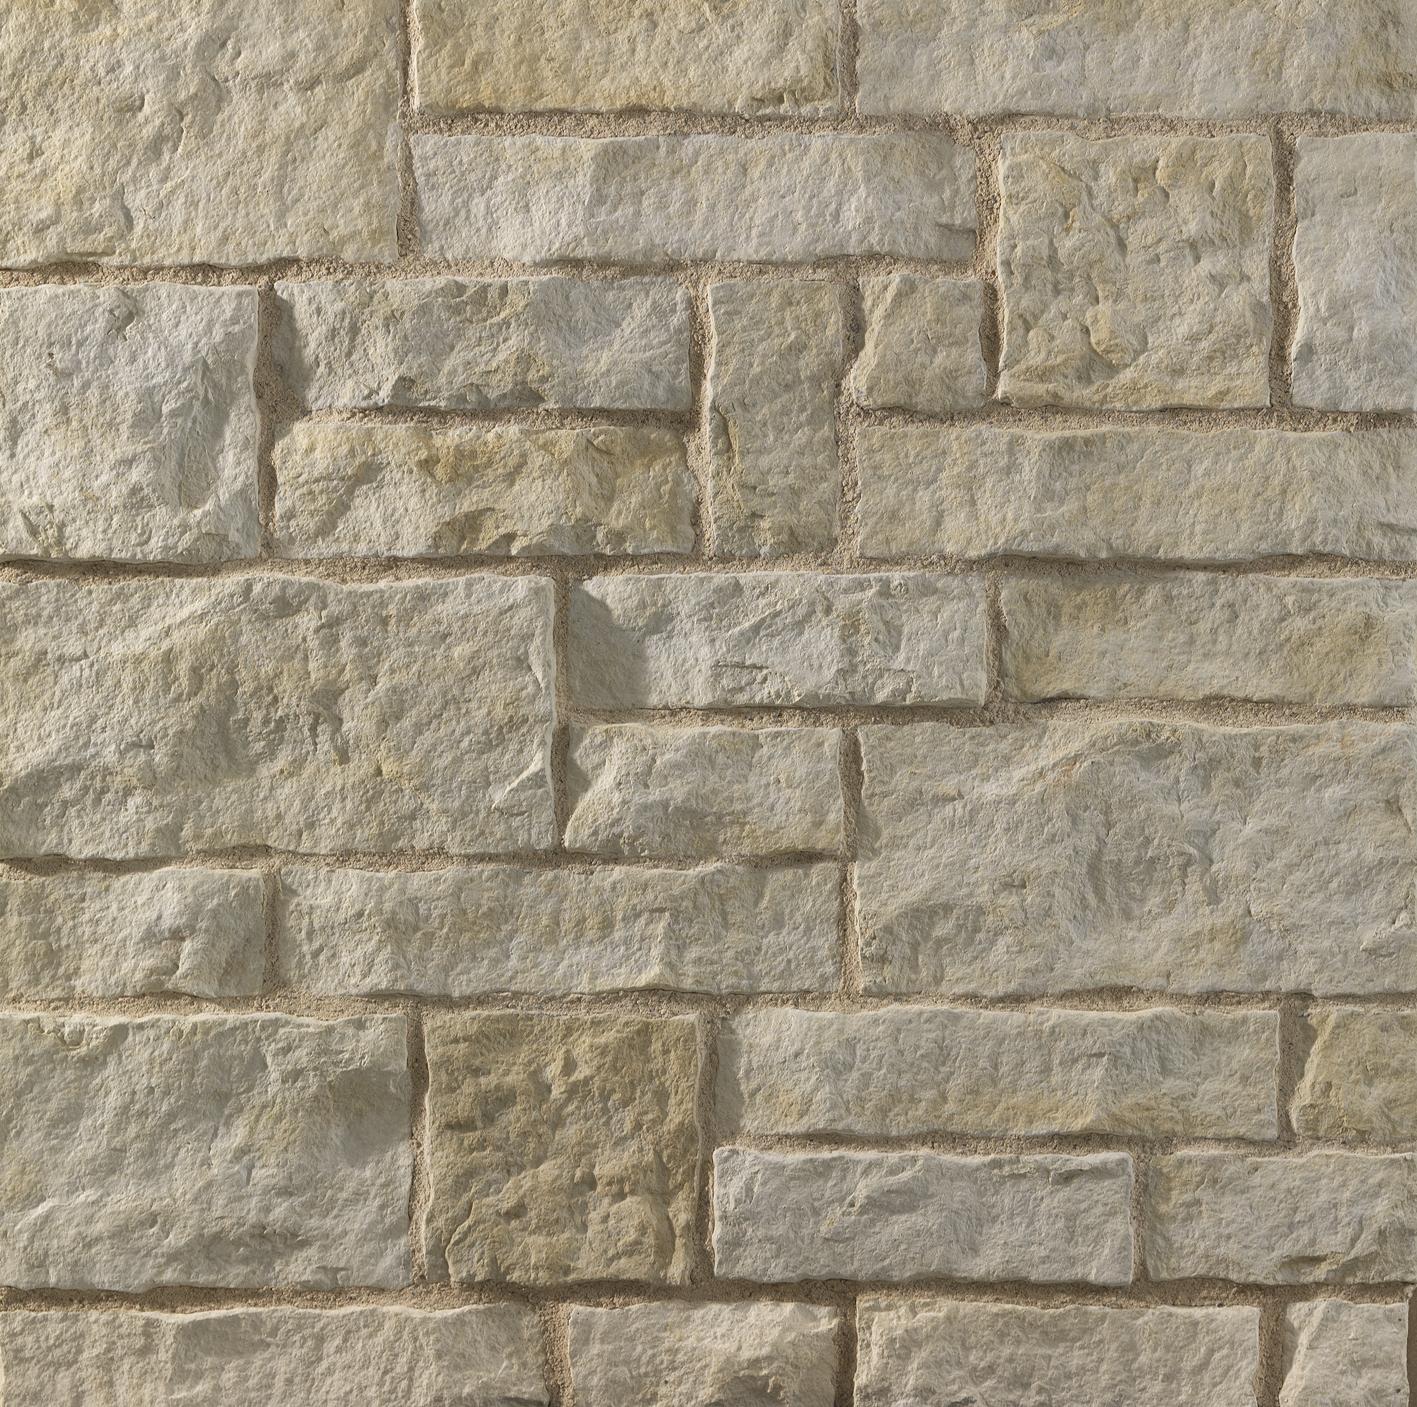 Pavimento In Pietra Di Trani : Pavimenti in pietra ricostruita origine pietra